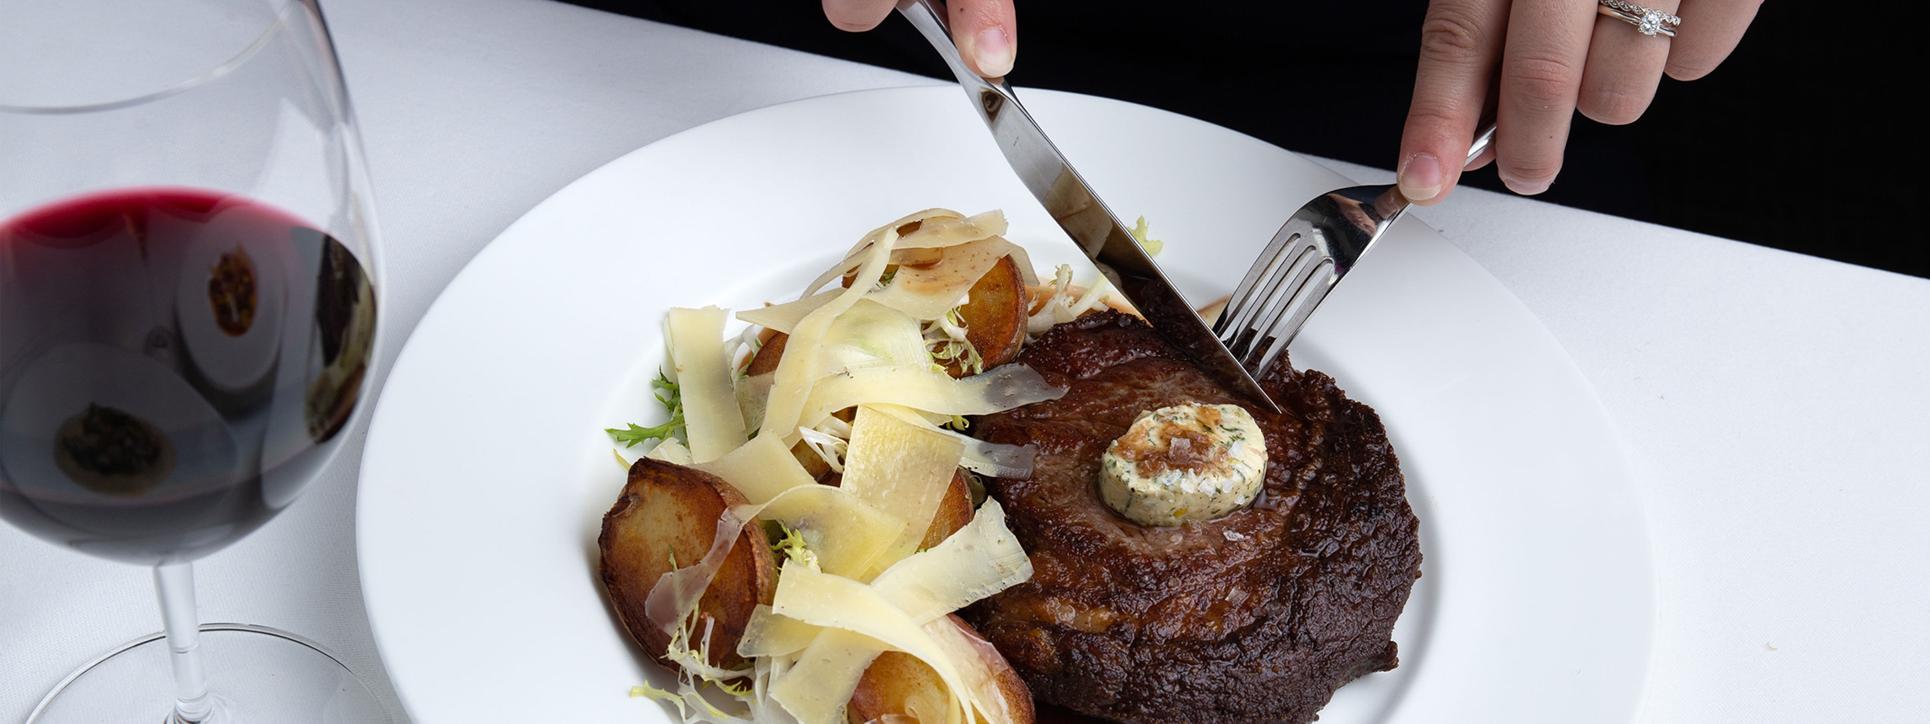 Steak - The Courtney Room - Victoria Restaurants